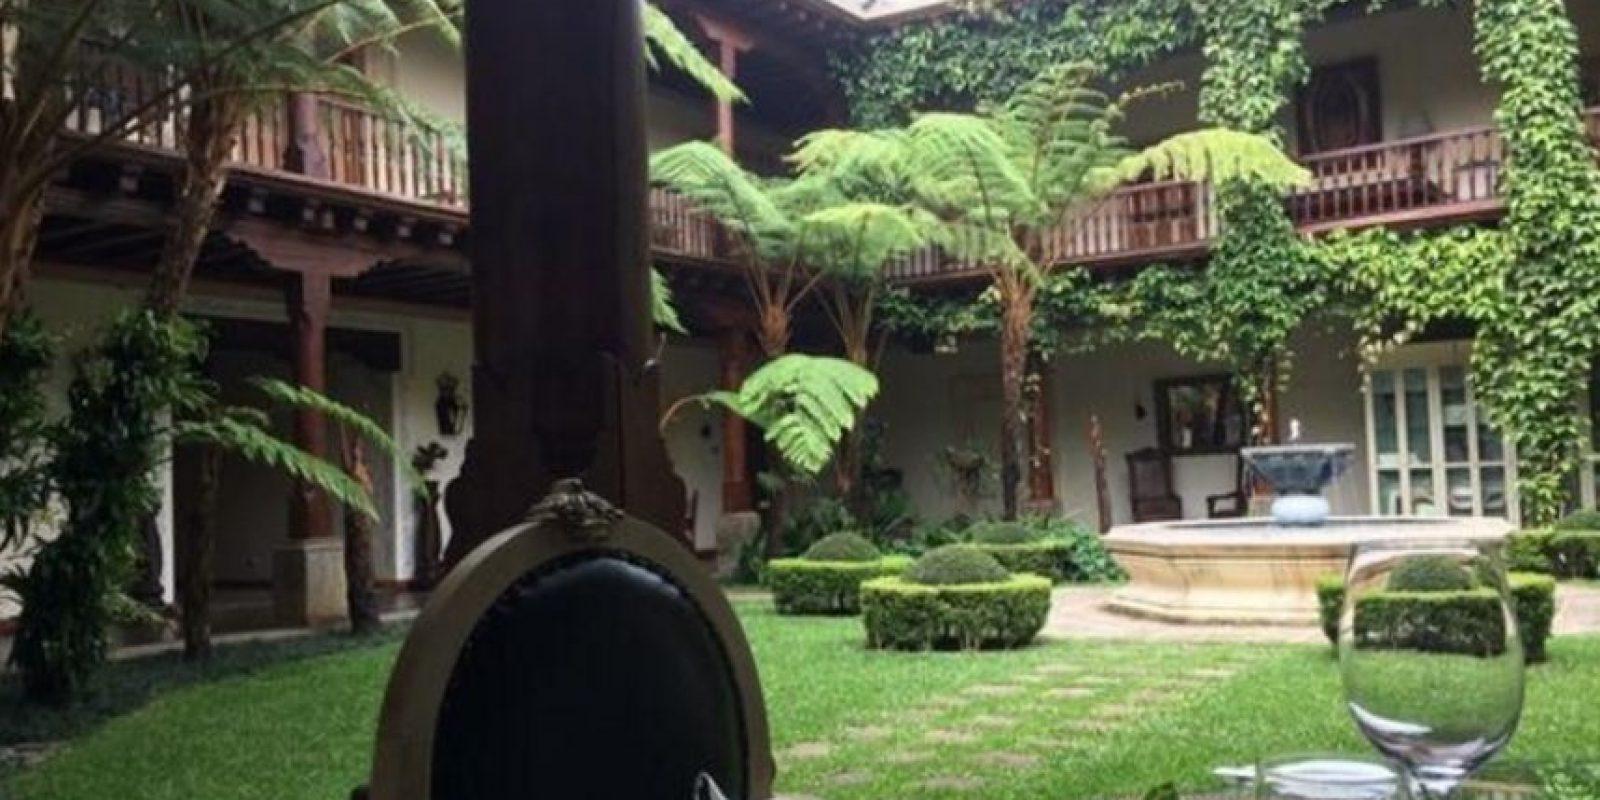 Aunque ahora es un hotel, se trata de una mansión construida entre 1541 y 1543 la cual sirvio de residencia de Doña Leonor, la hija del conquistador Español don Pedro de Alvarado y la Princesa India Tlaxcala llamada Tecuilhuatzin, Doña Luisa. Foto:twitter.com/Aletsandros